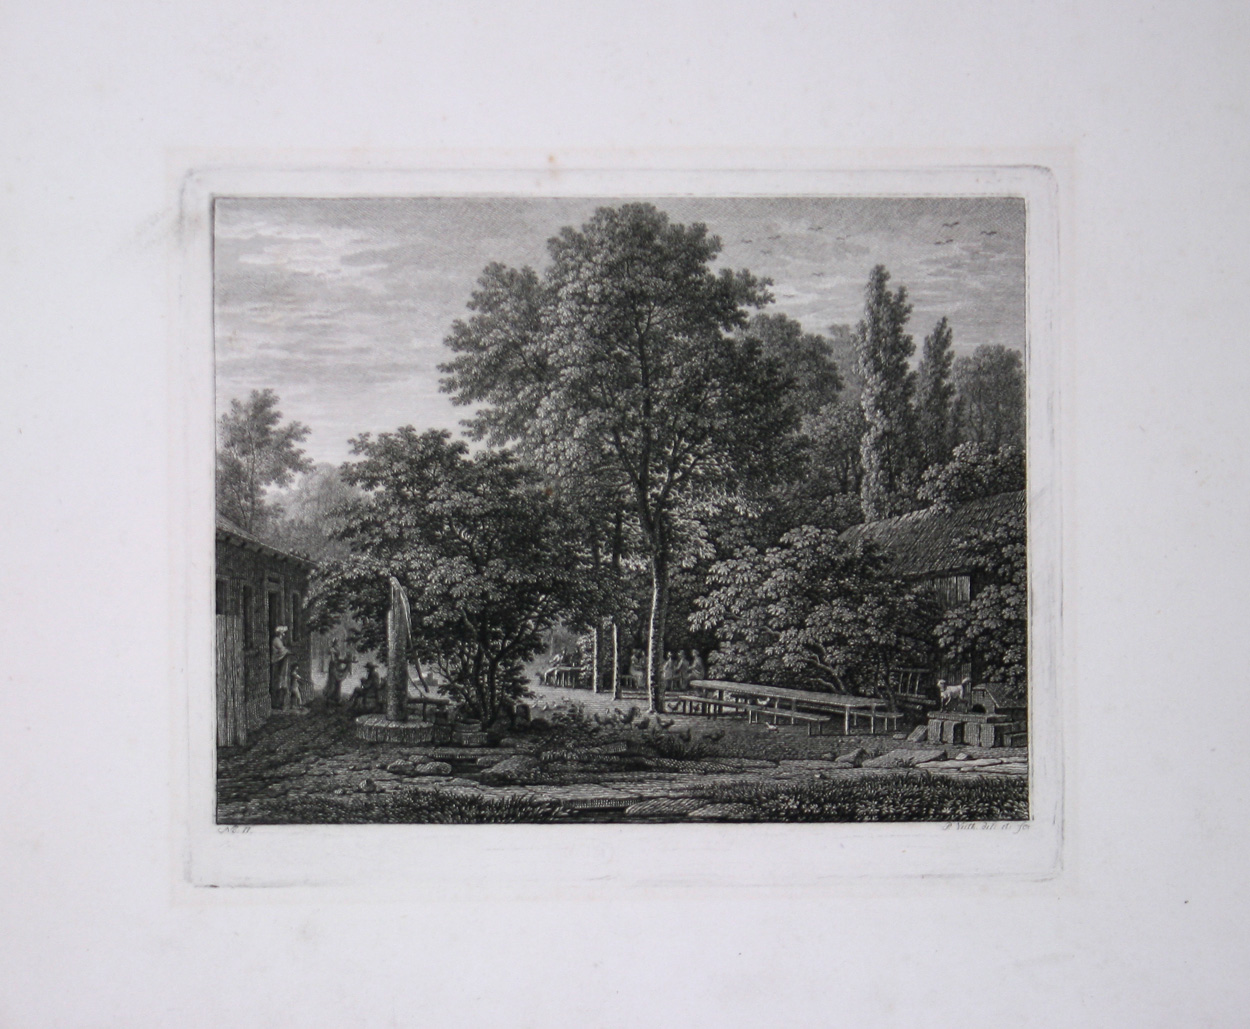 No. 11 - Partie im grossen Garten bei Dresden.